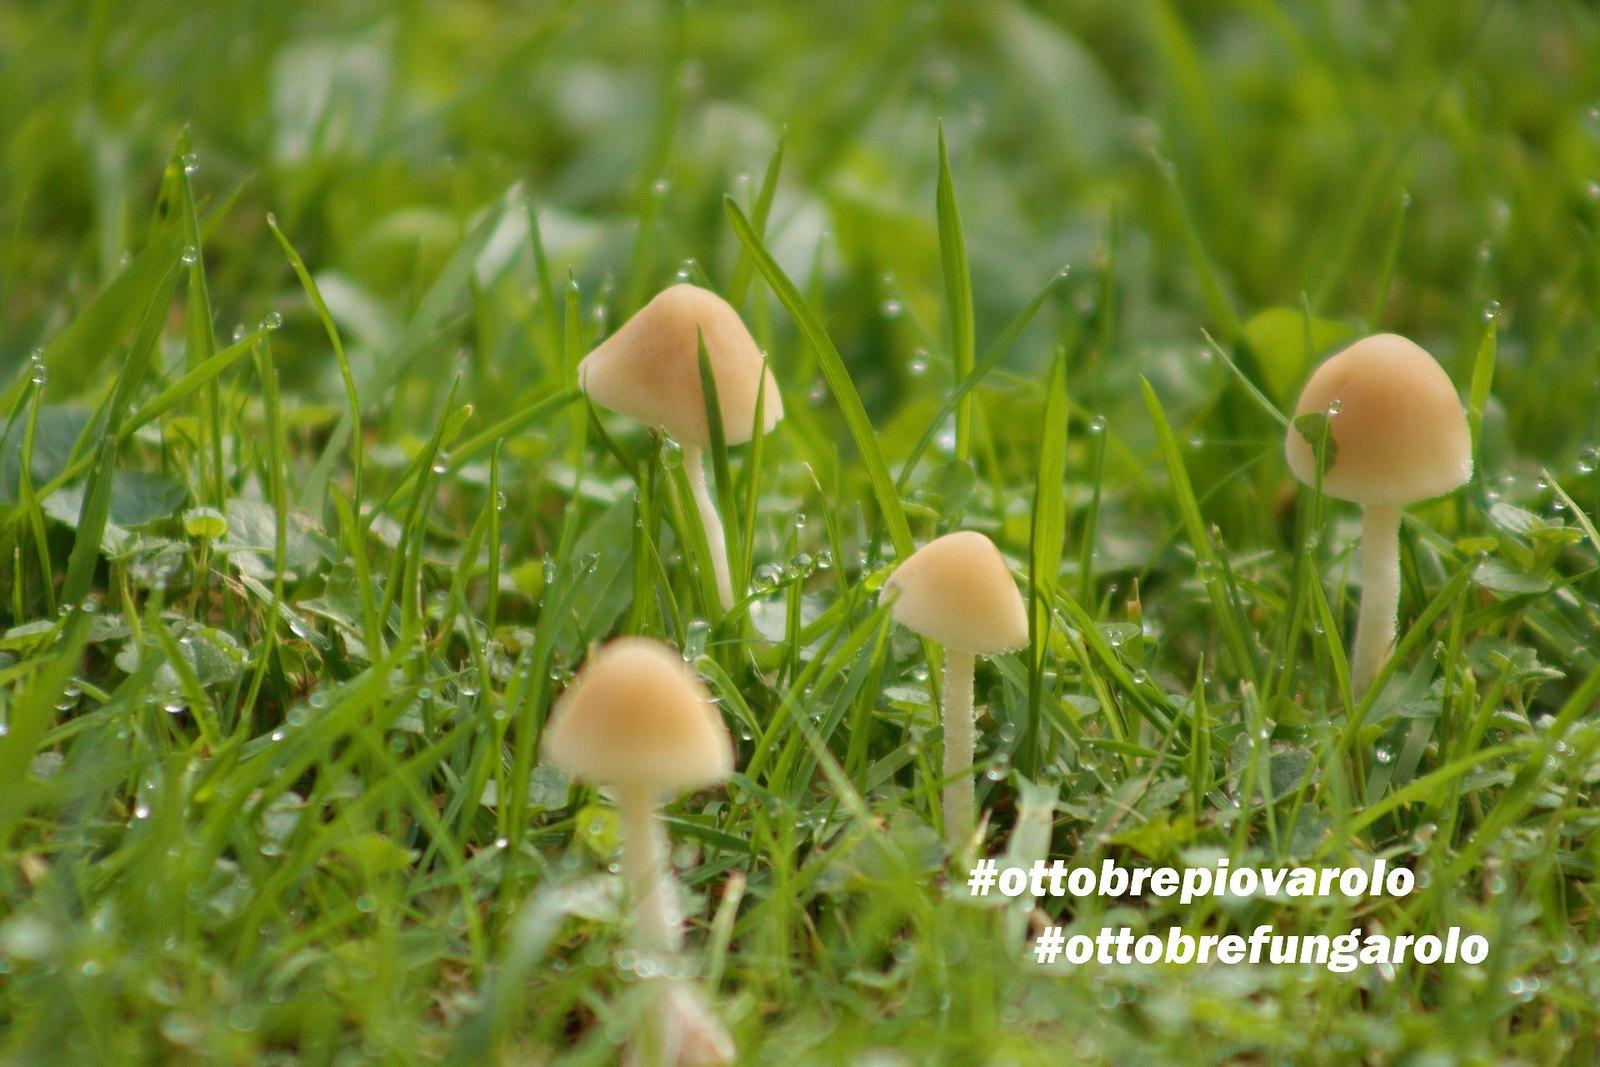 funghi e pioggia2